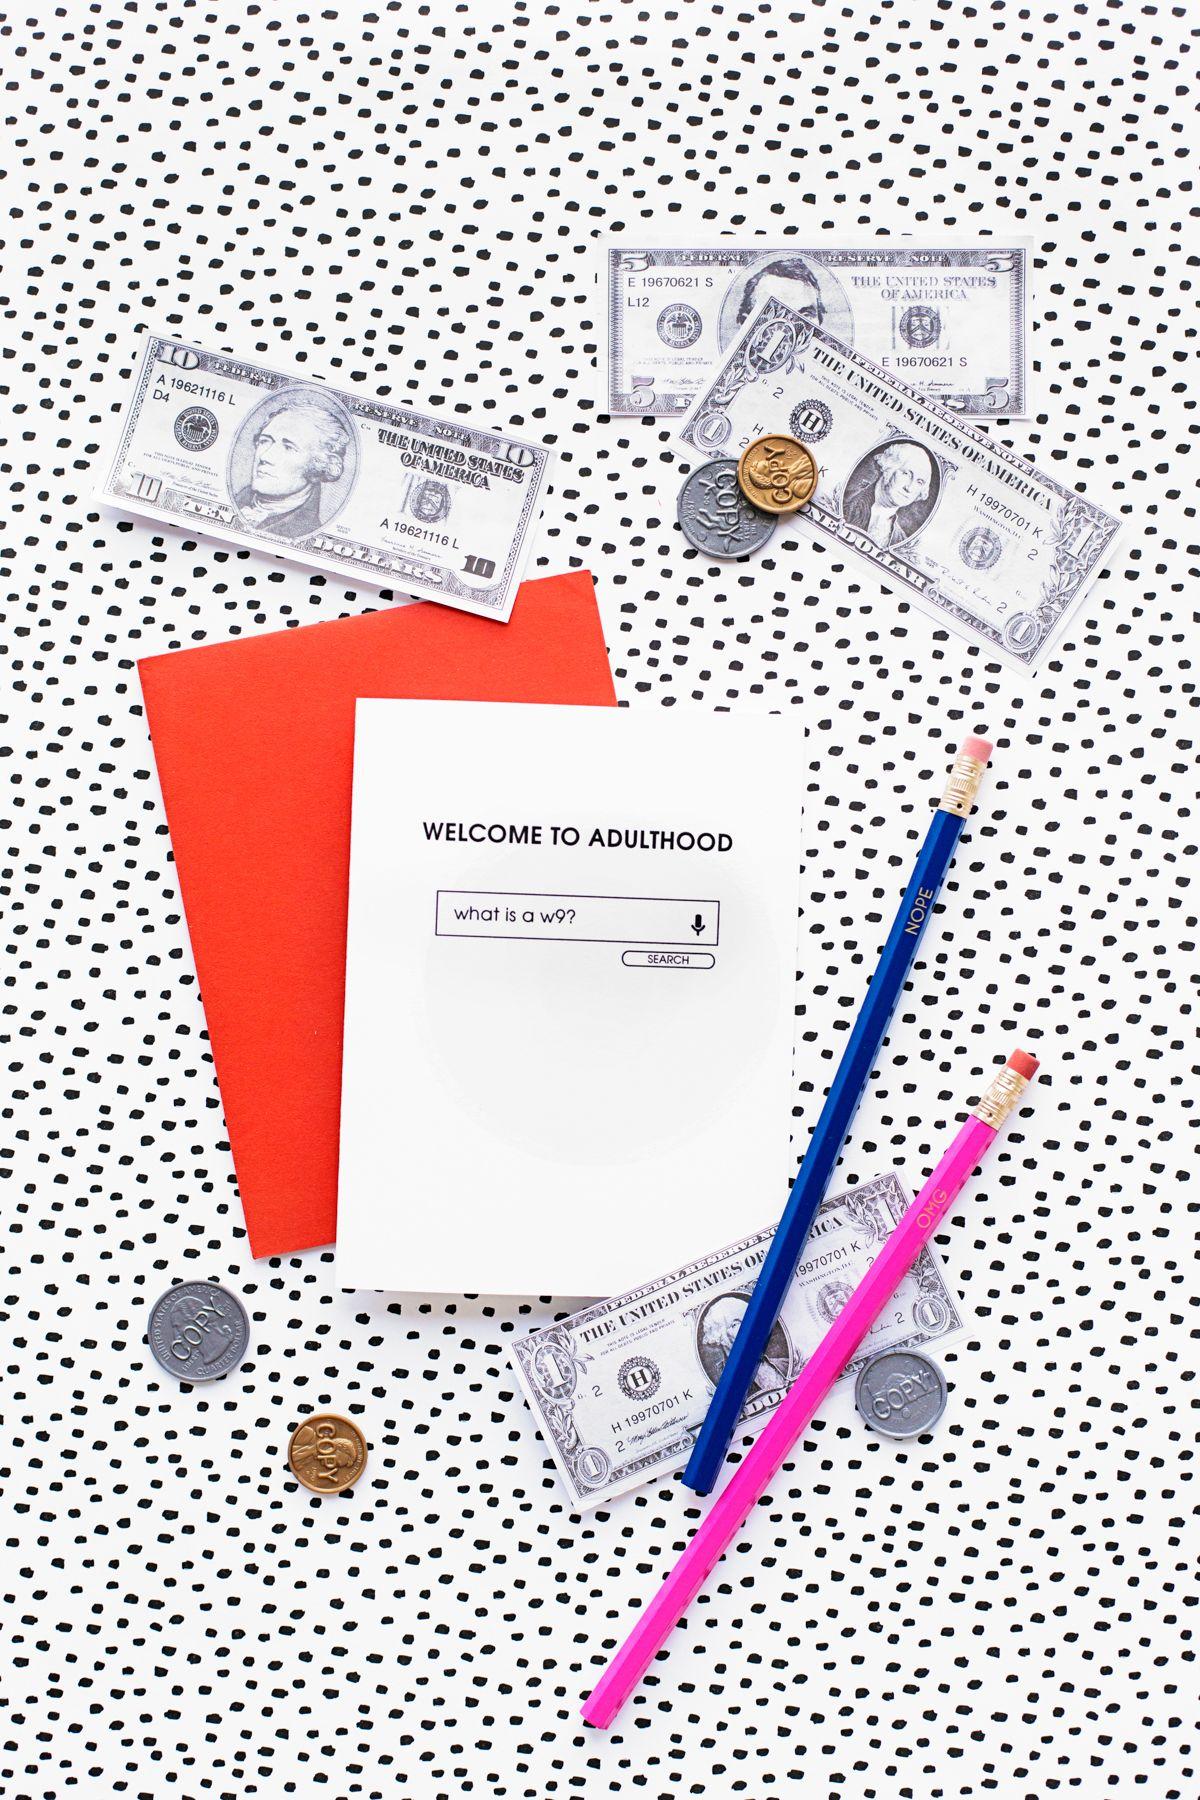 Welcome To Adulthood: Free Printable Graduation Cards | Graduation - Free Printable Welcome Cards